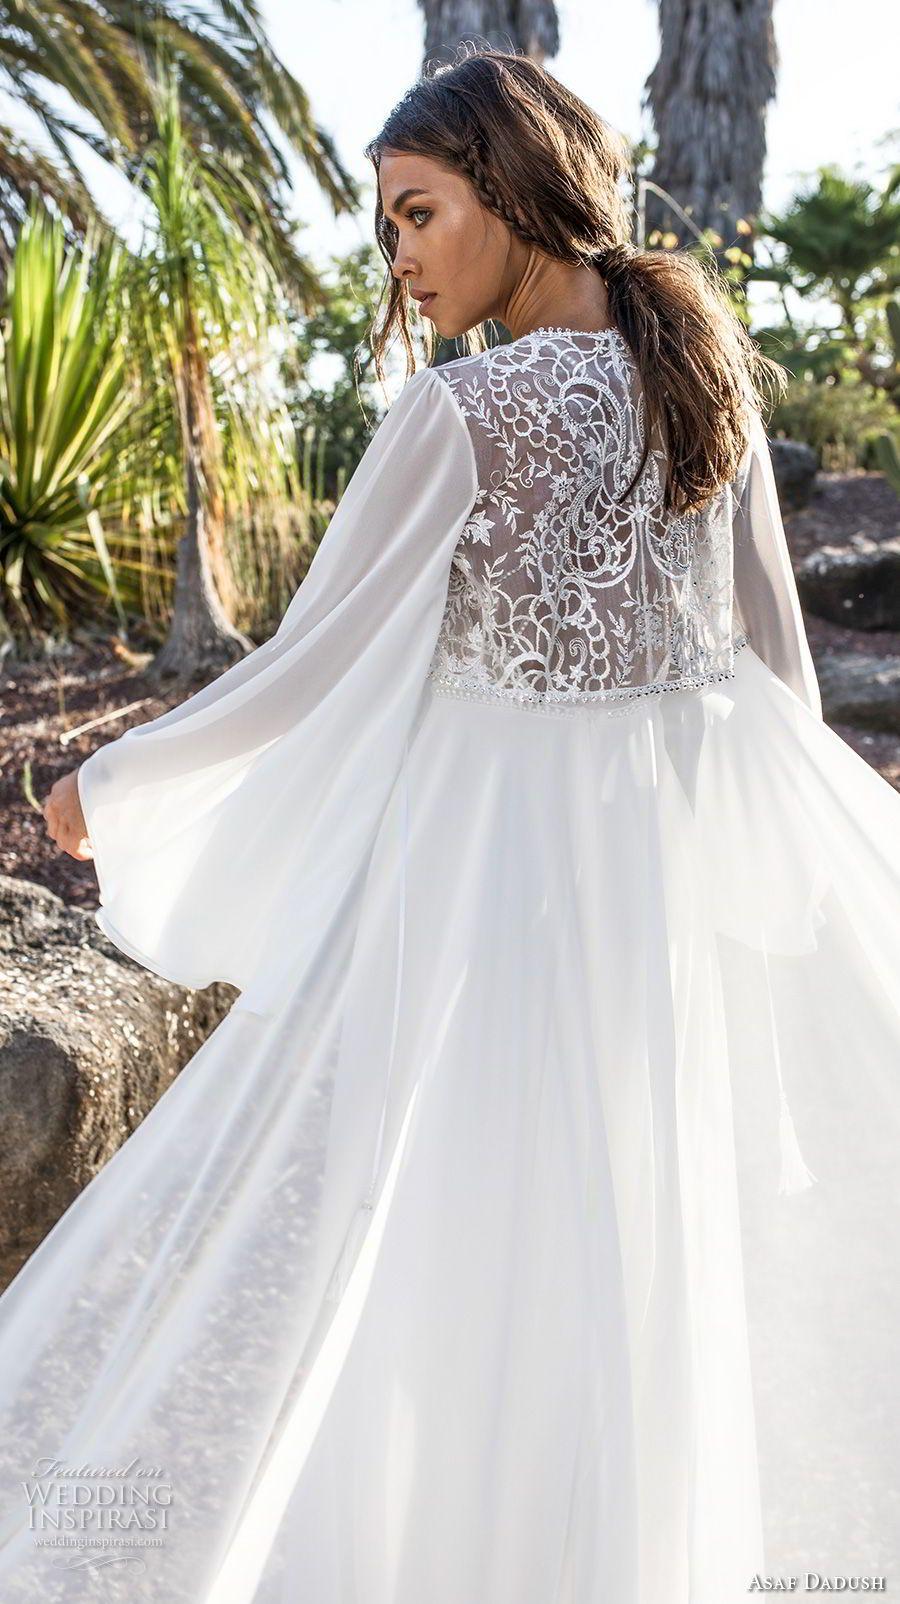 asaf dadush 2018 Braut langen Ärmeln tief eintauchen Schatz ...